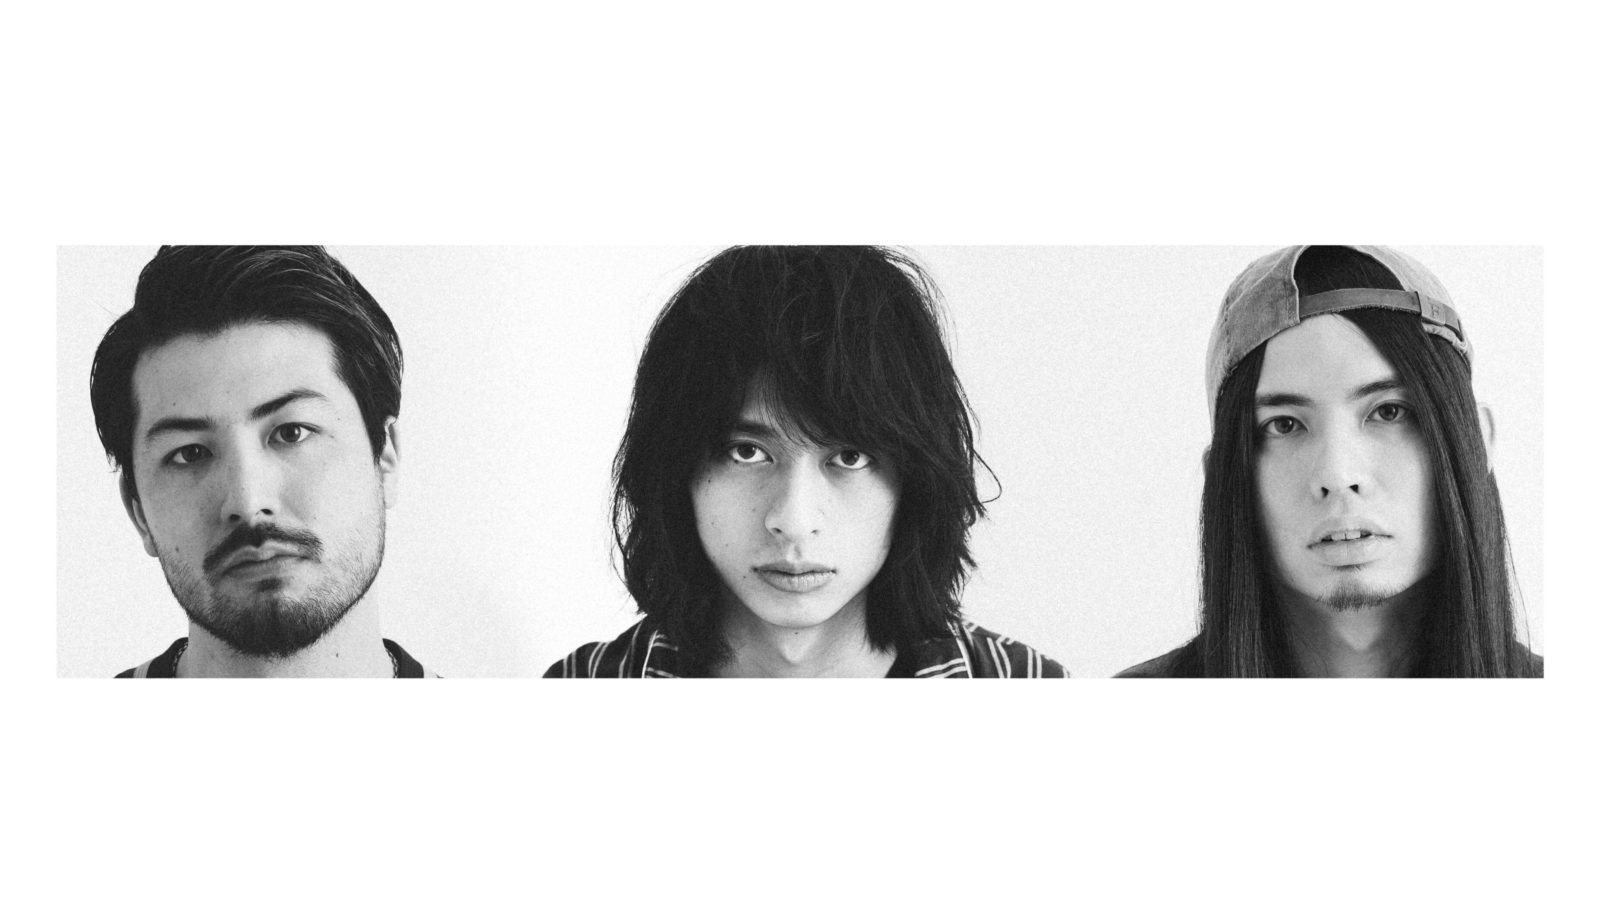 w.o.d.、カセットシングル「サニー」のMV公開サムネイル画像